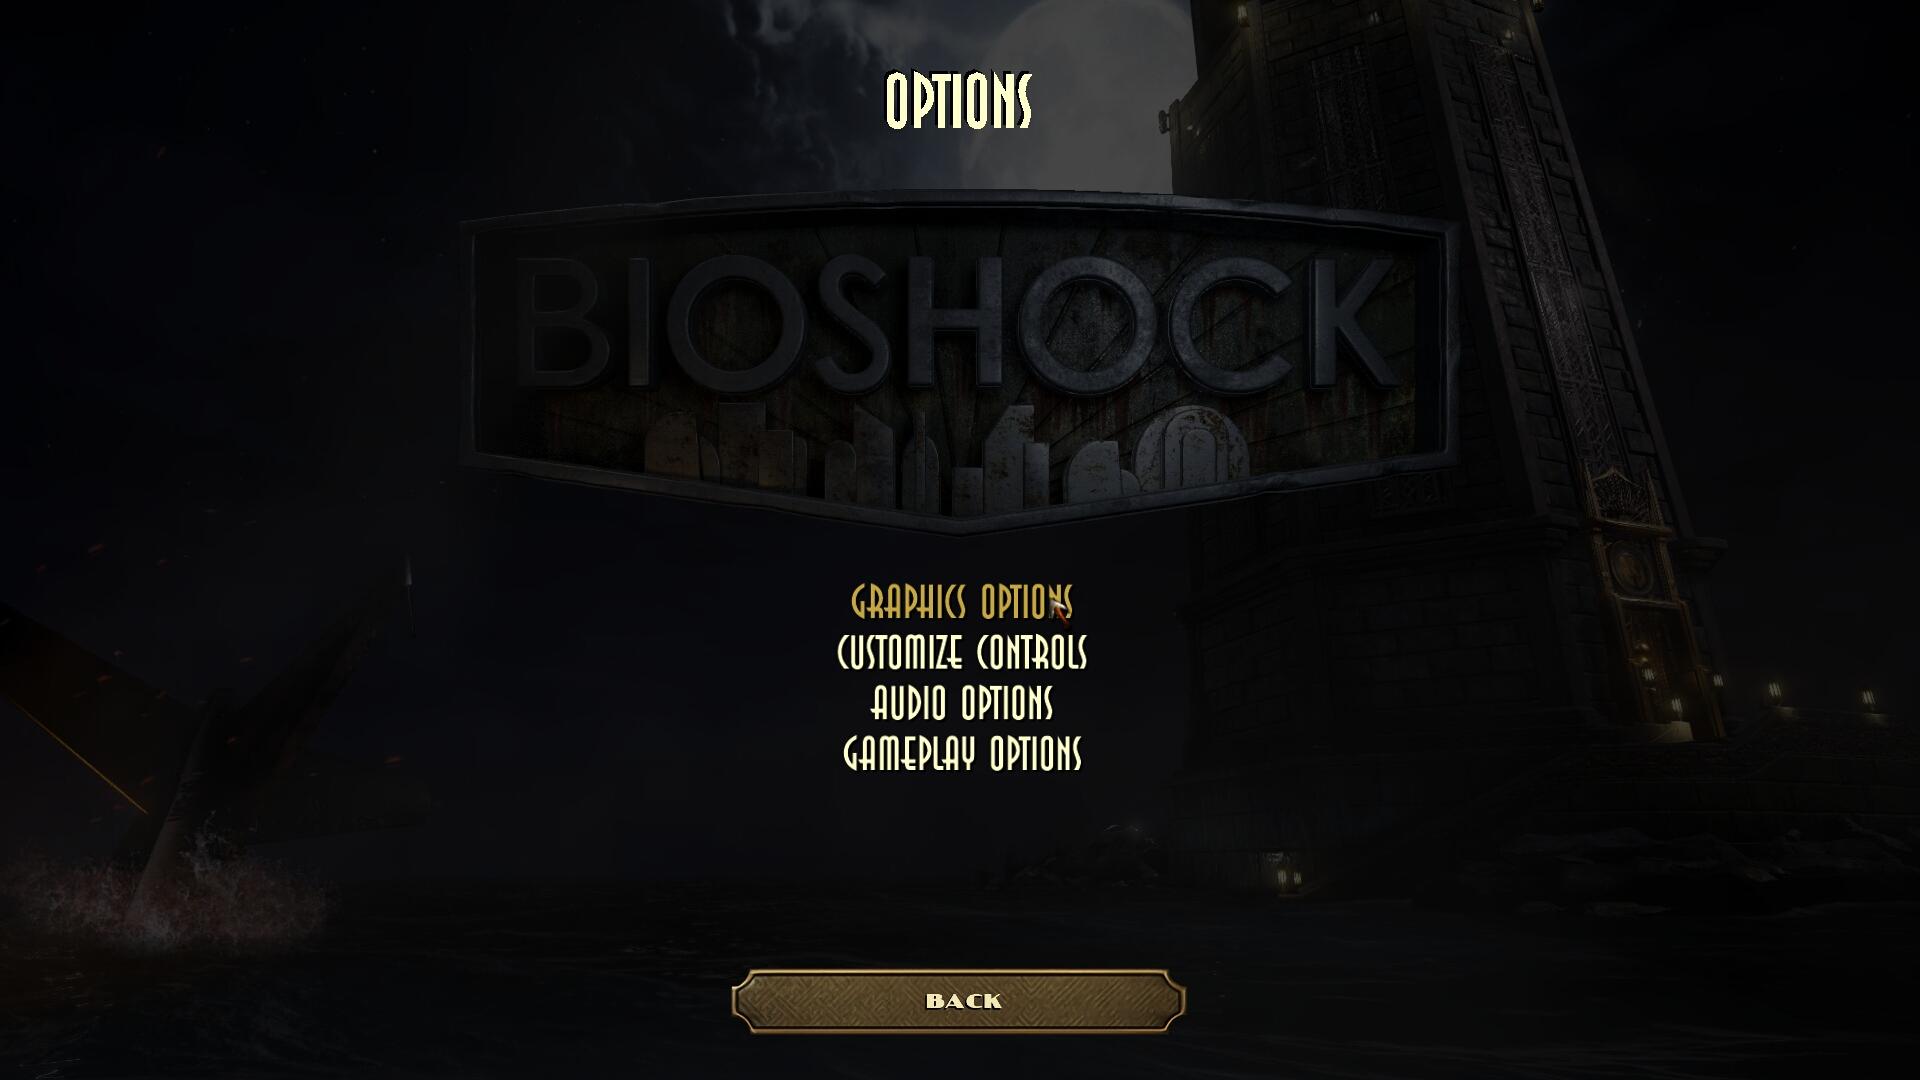 bioshock29.jpg